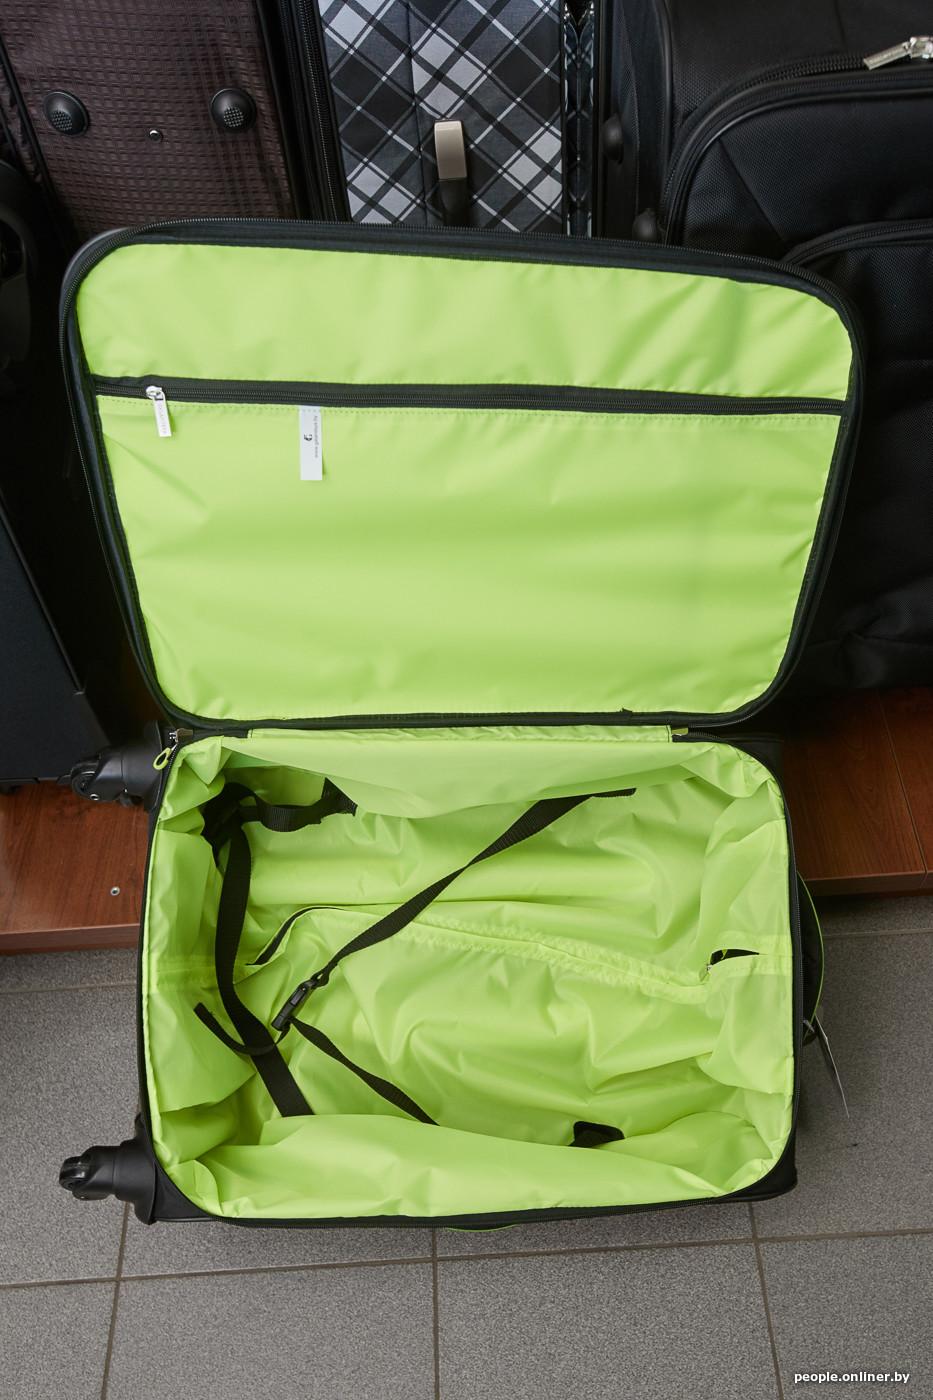 Где в минске ремонтируют чемоданы рюкзаки 4 you в наличие